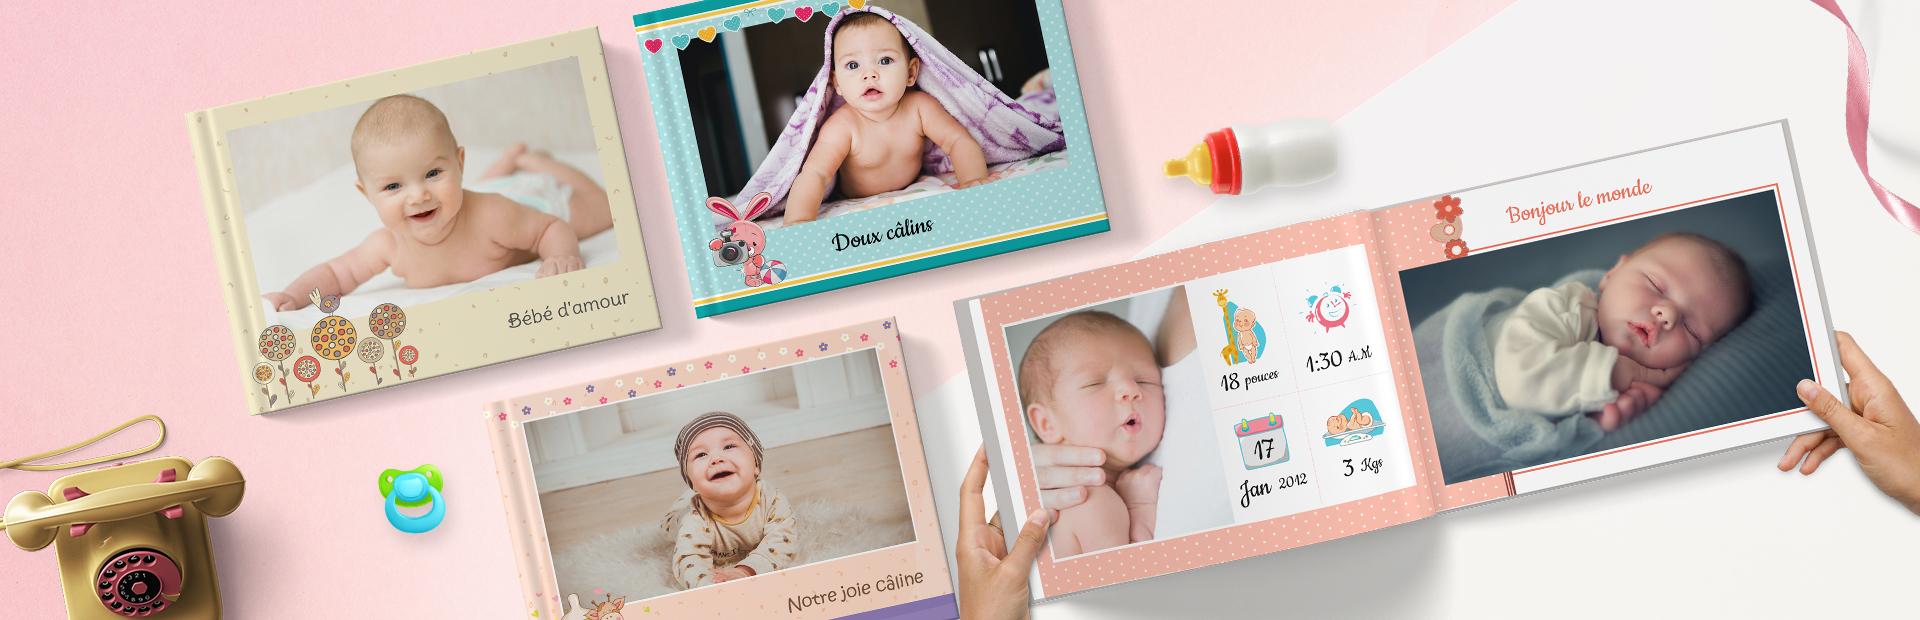 Thèmes de livres photo pour enfants